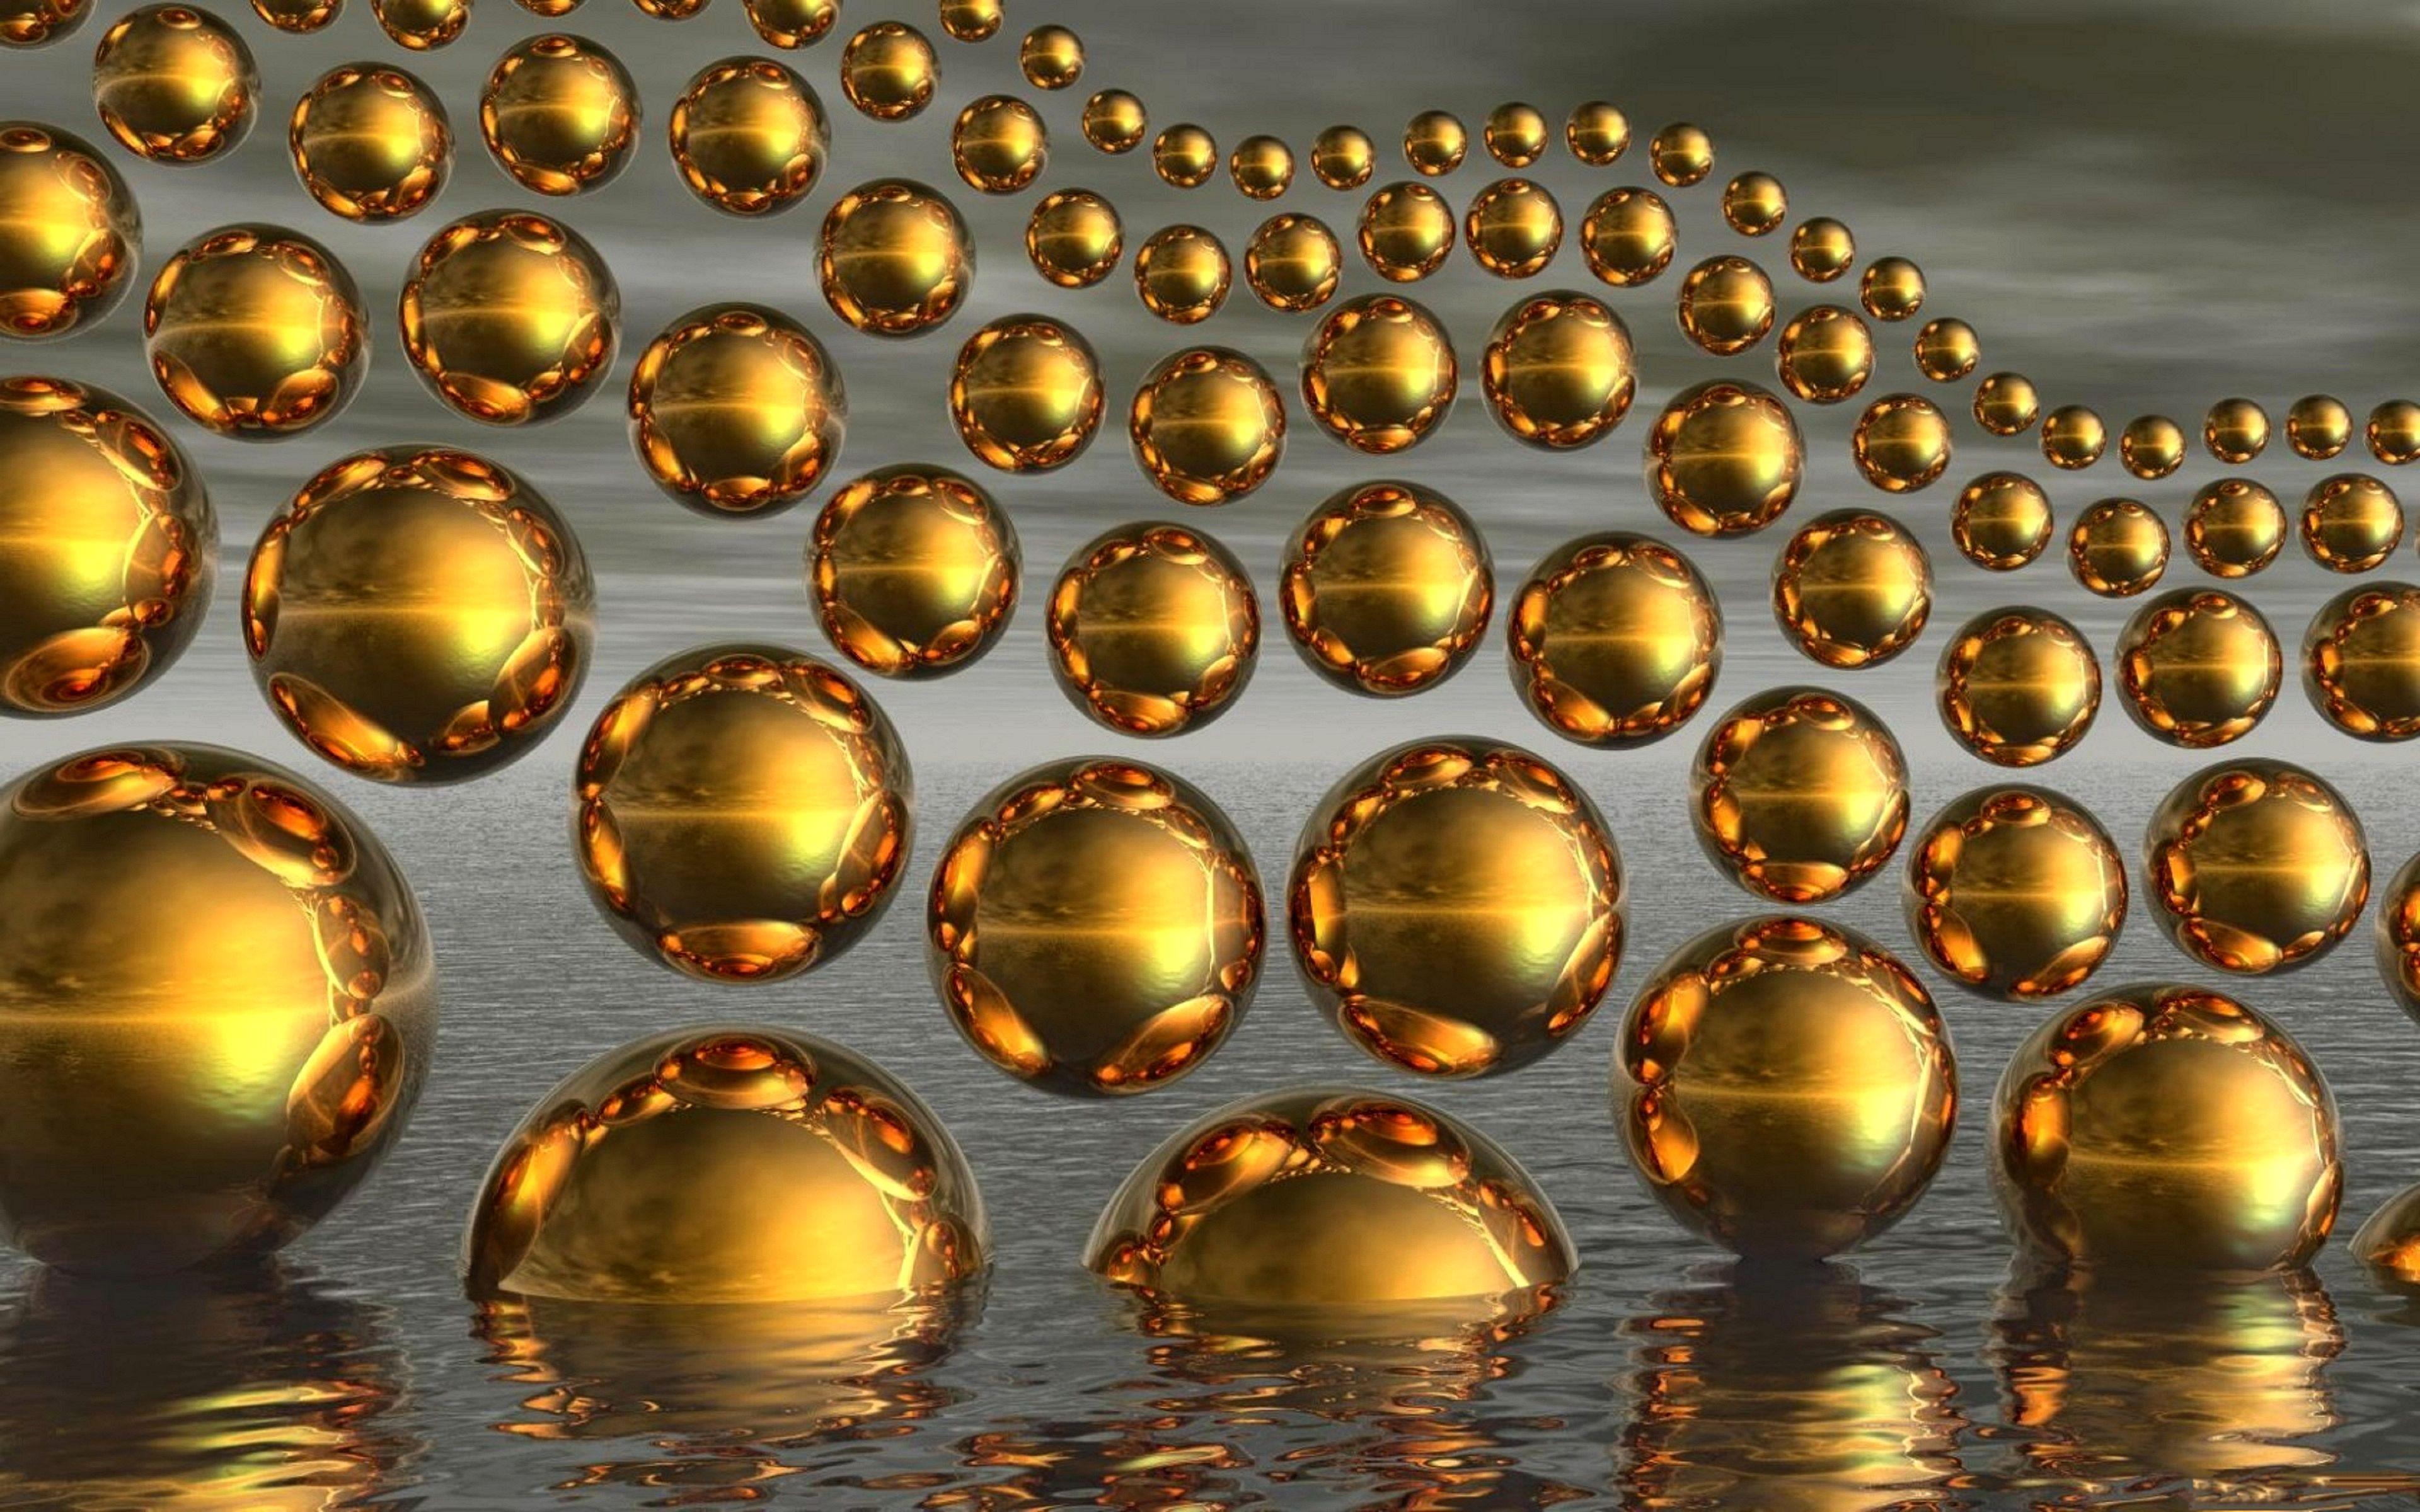 шары, золотые, вода